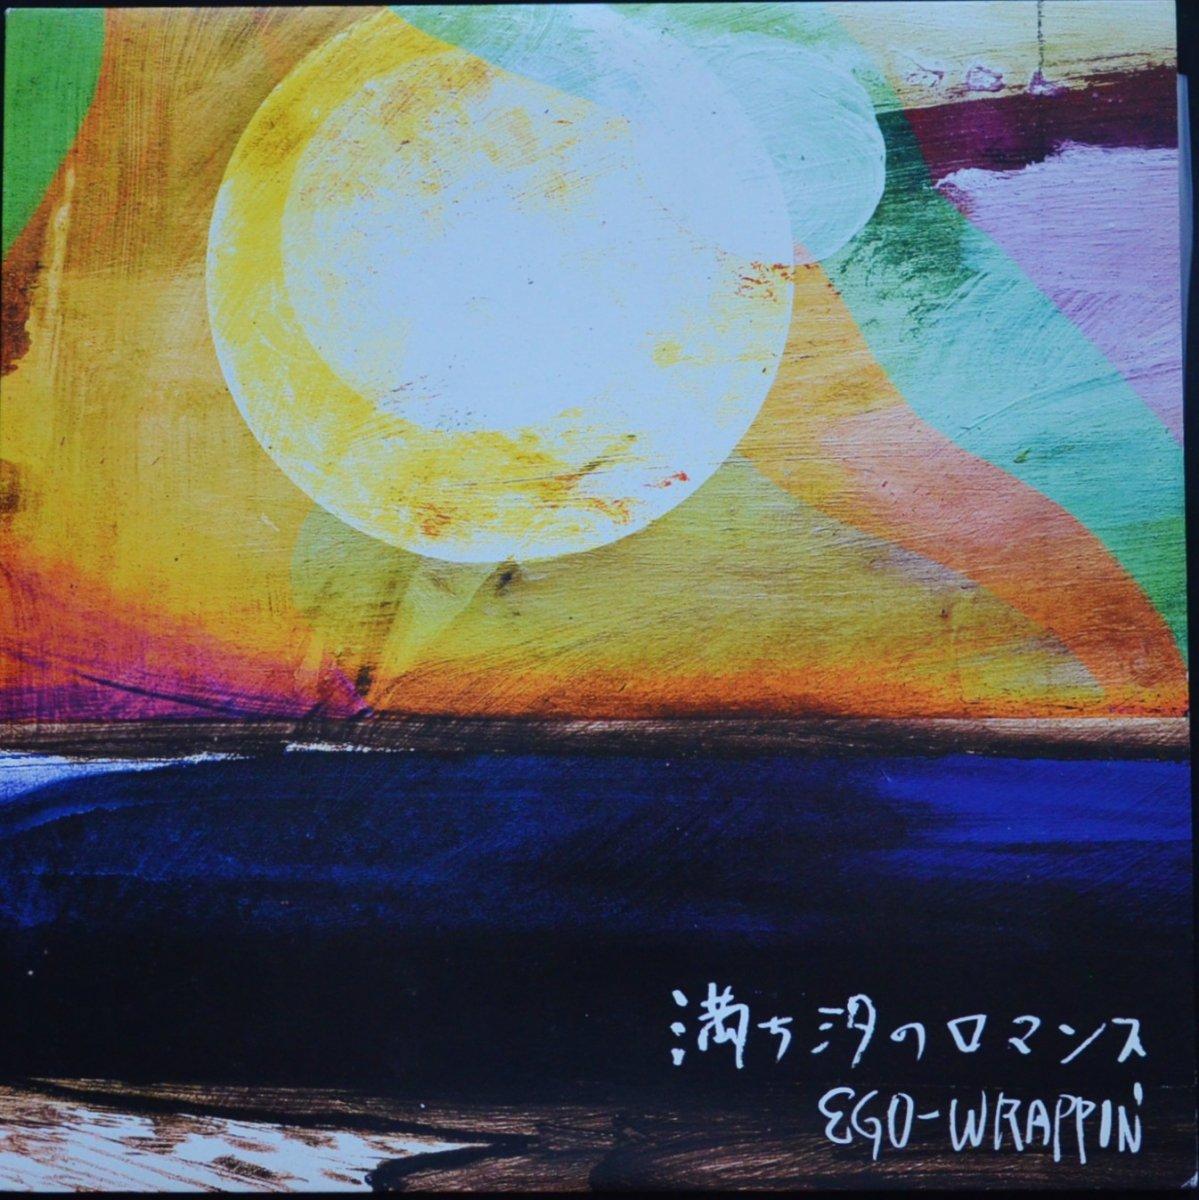 エゴ-ラッピン EGO-WRAPPIN' / 満ち汐のロマンス (2LP)